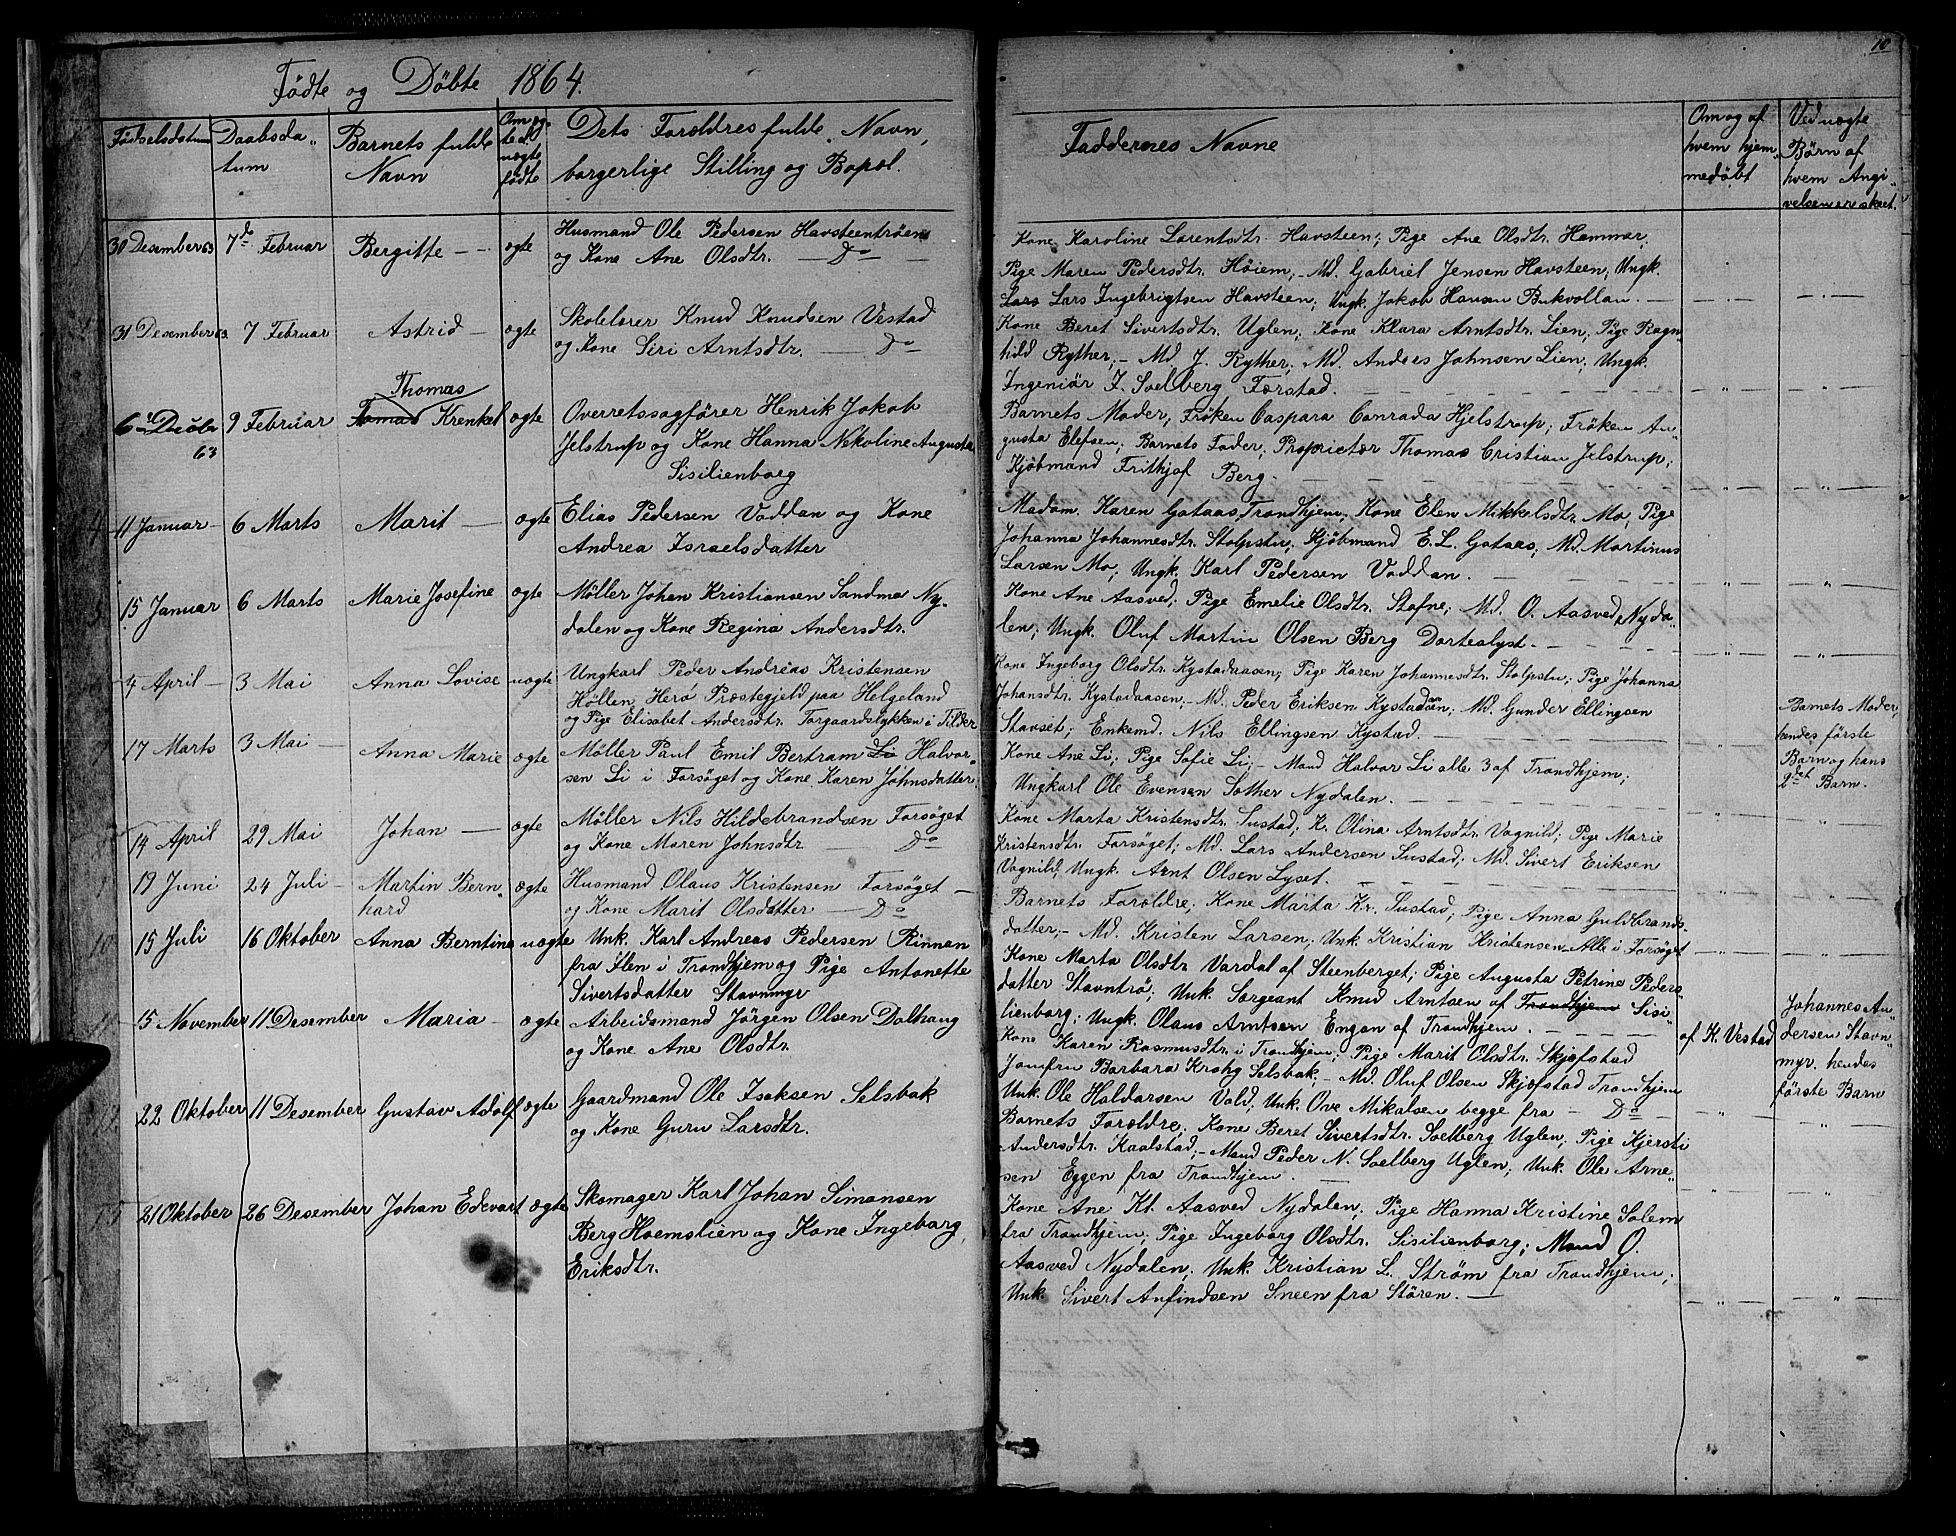 SAT, Ministerialprotokoller, klokkerbøker og fødselsregistre - Sør-Trøndelag, 611/L0353: Klokkerbok nr. 611C01, 1854-1881, s. 10